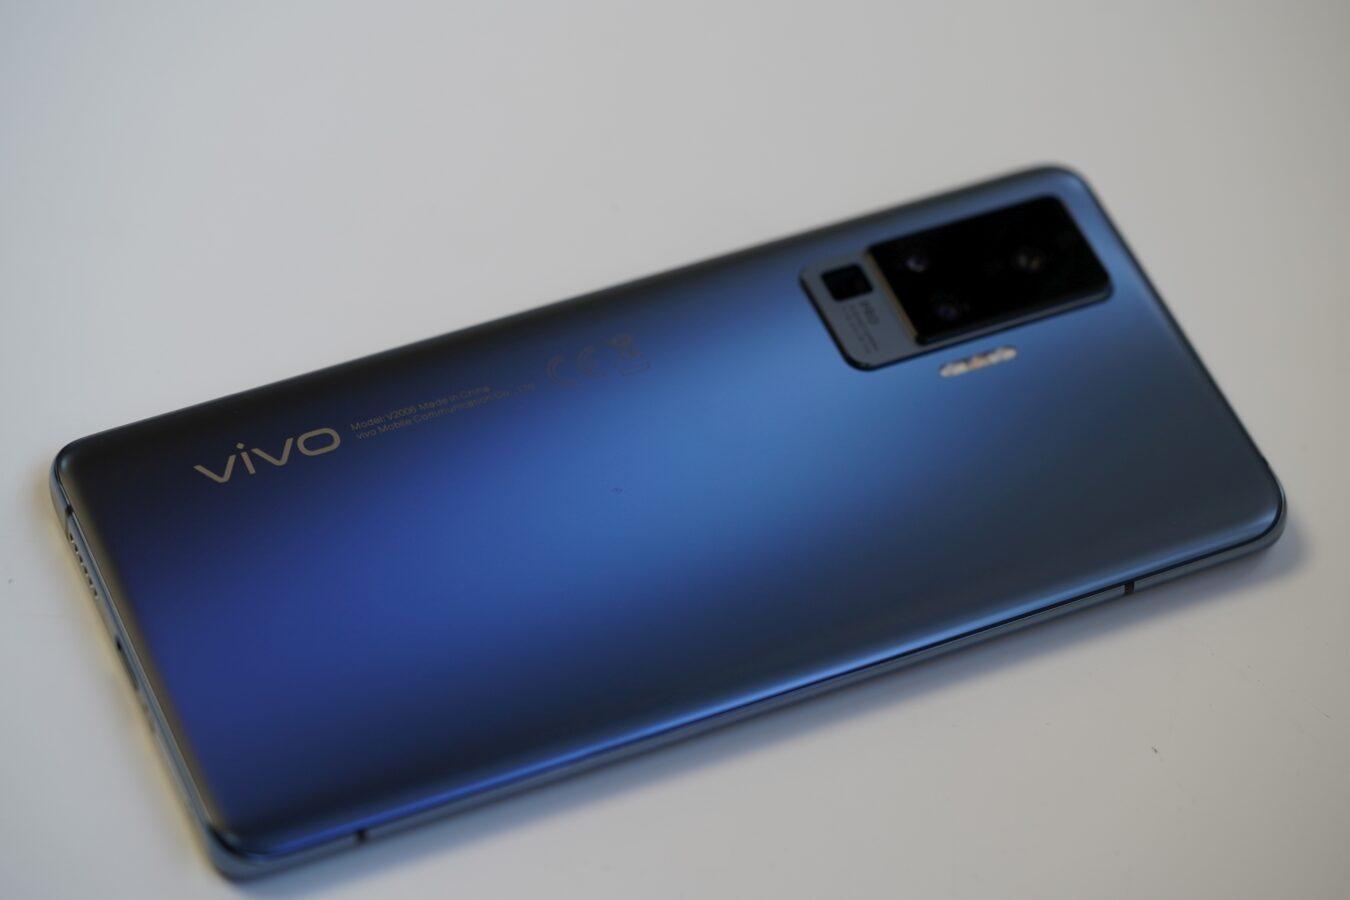 Recenzja vivo x51 5G - debiut w dobrym stylu